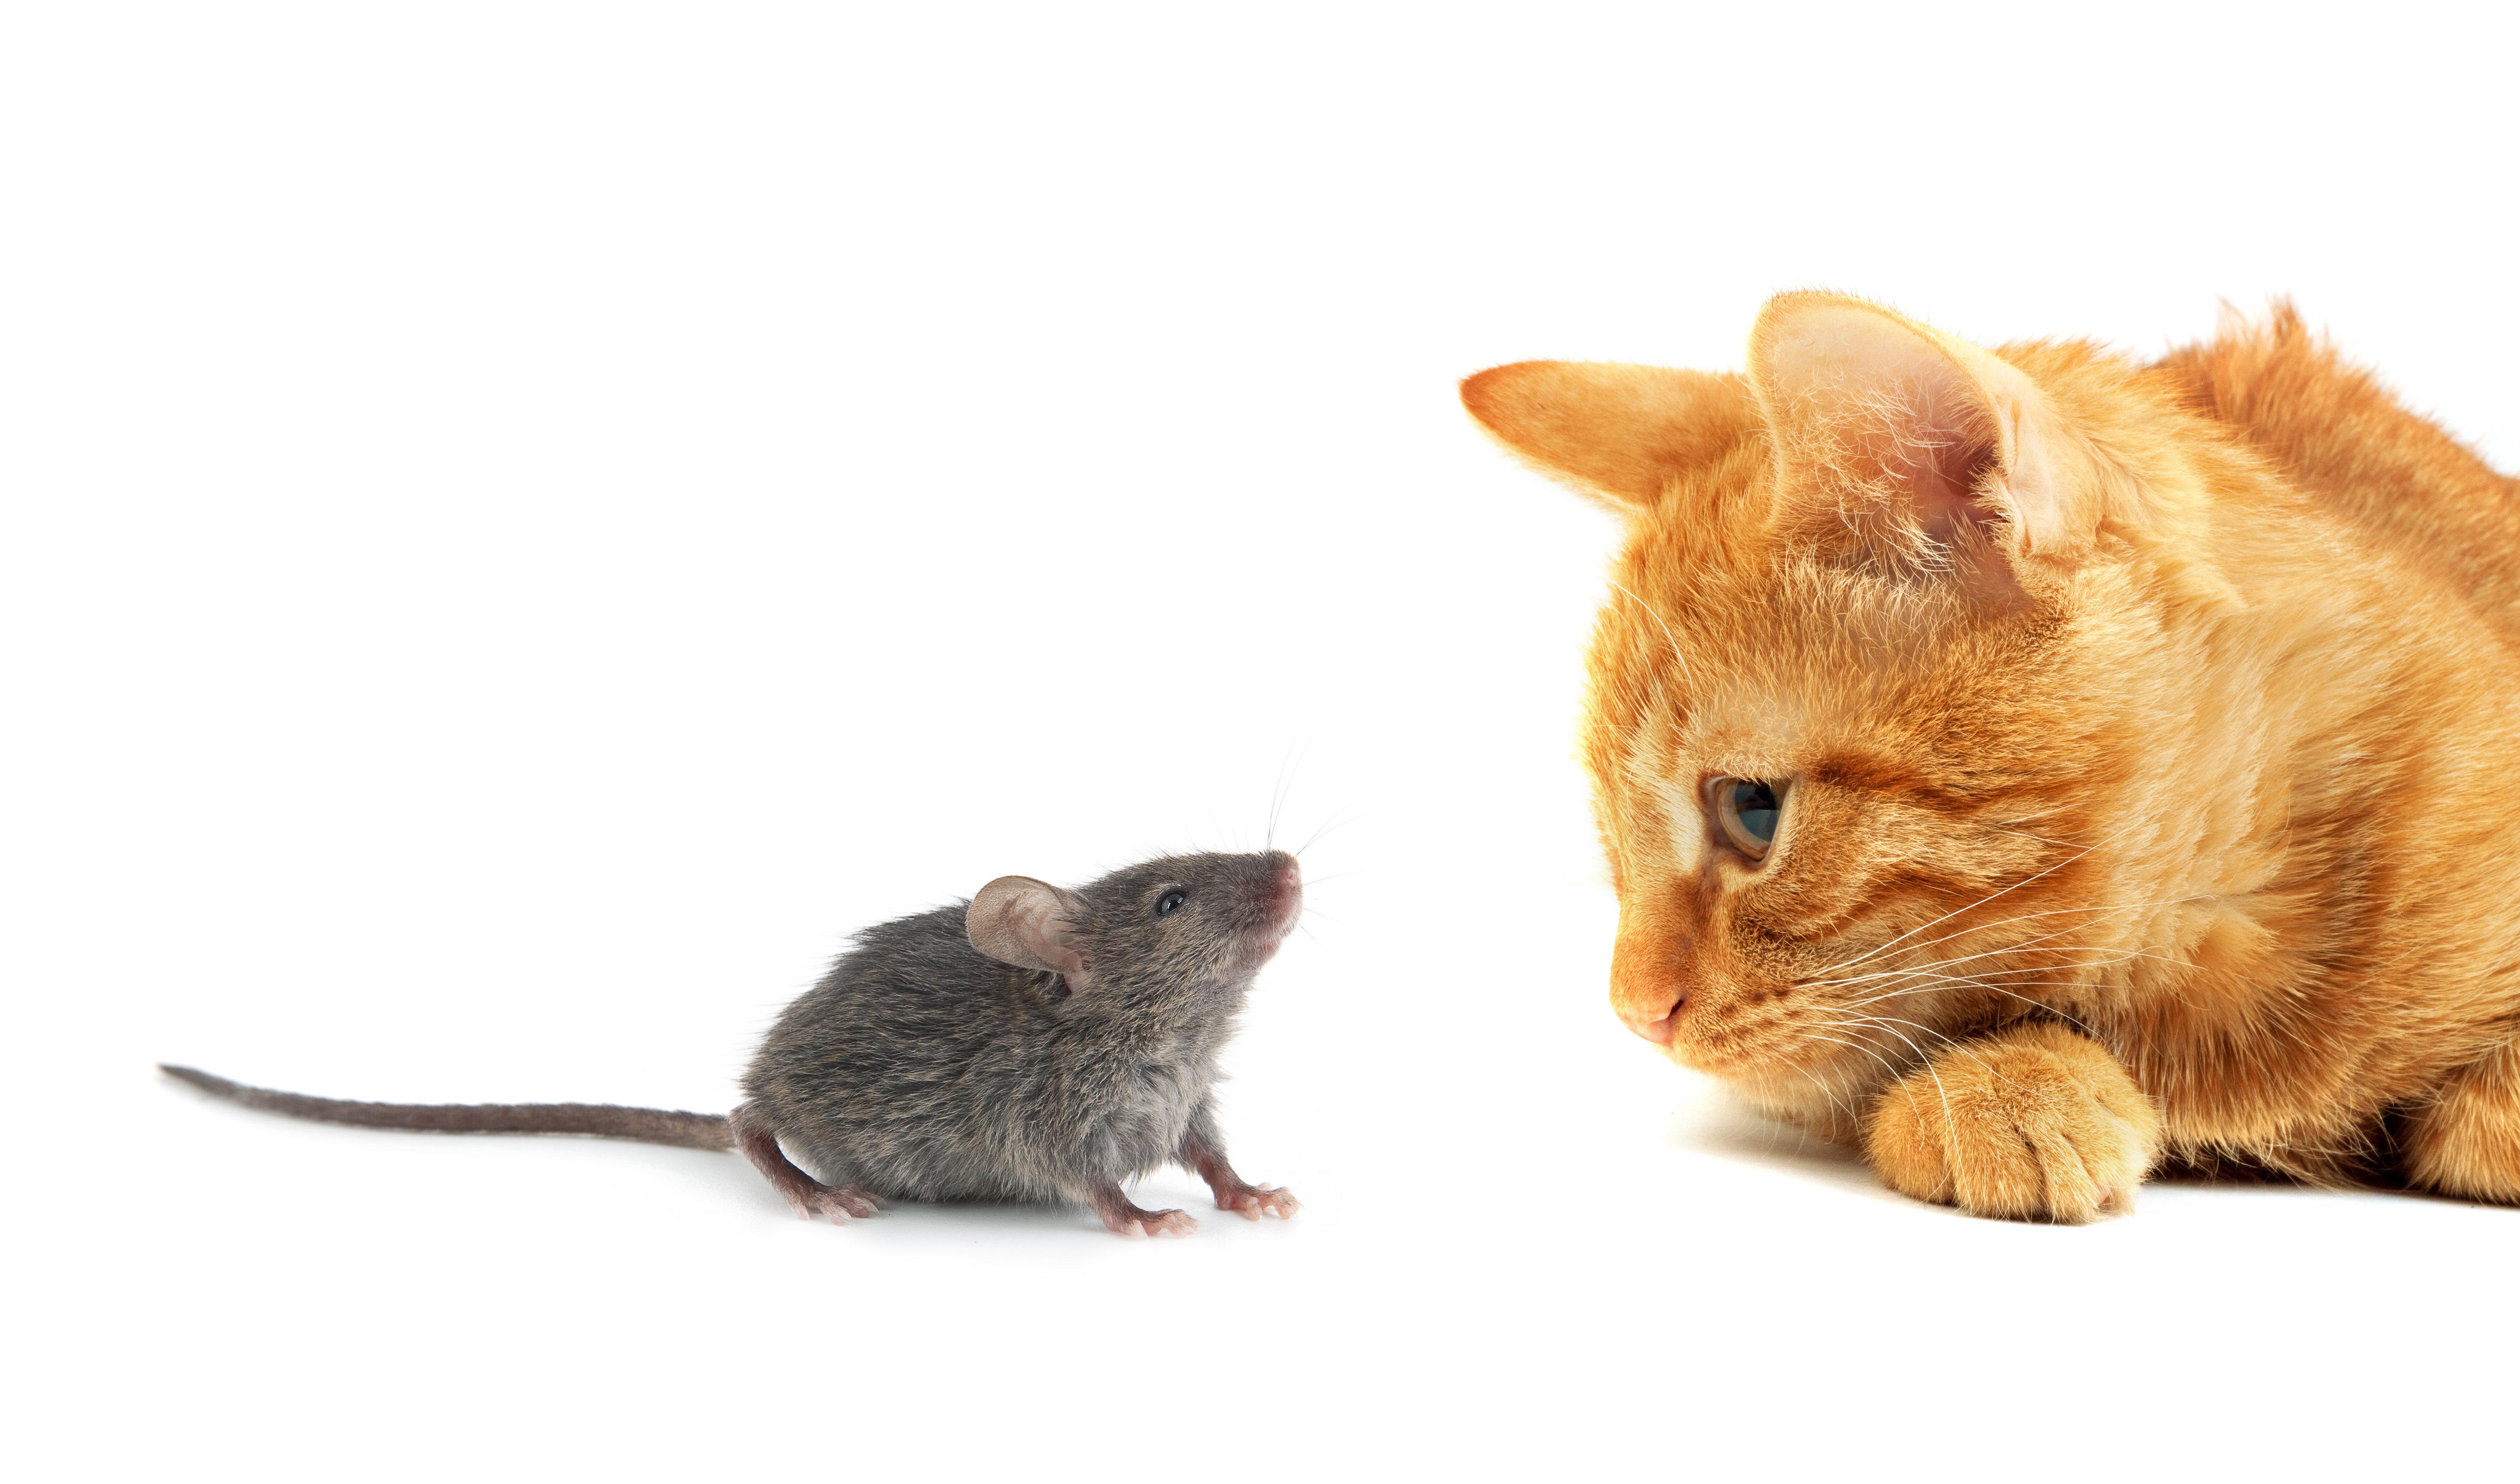 고양이의 쥐 잡기 능력을 평가한 연구가